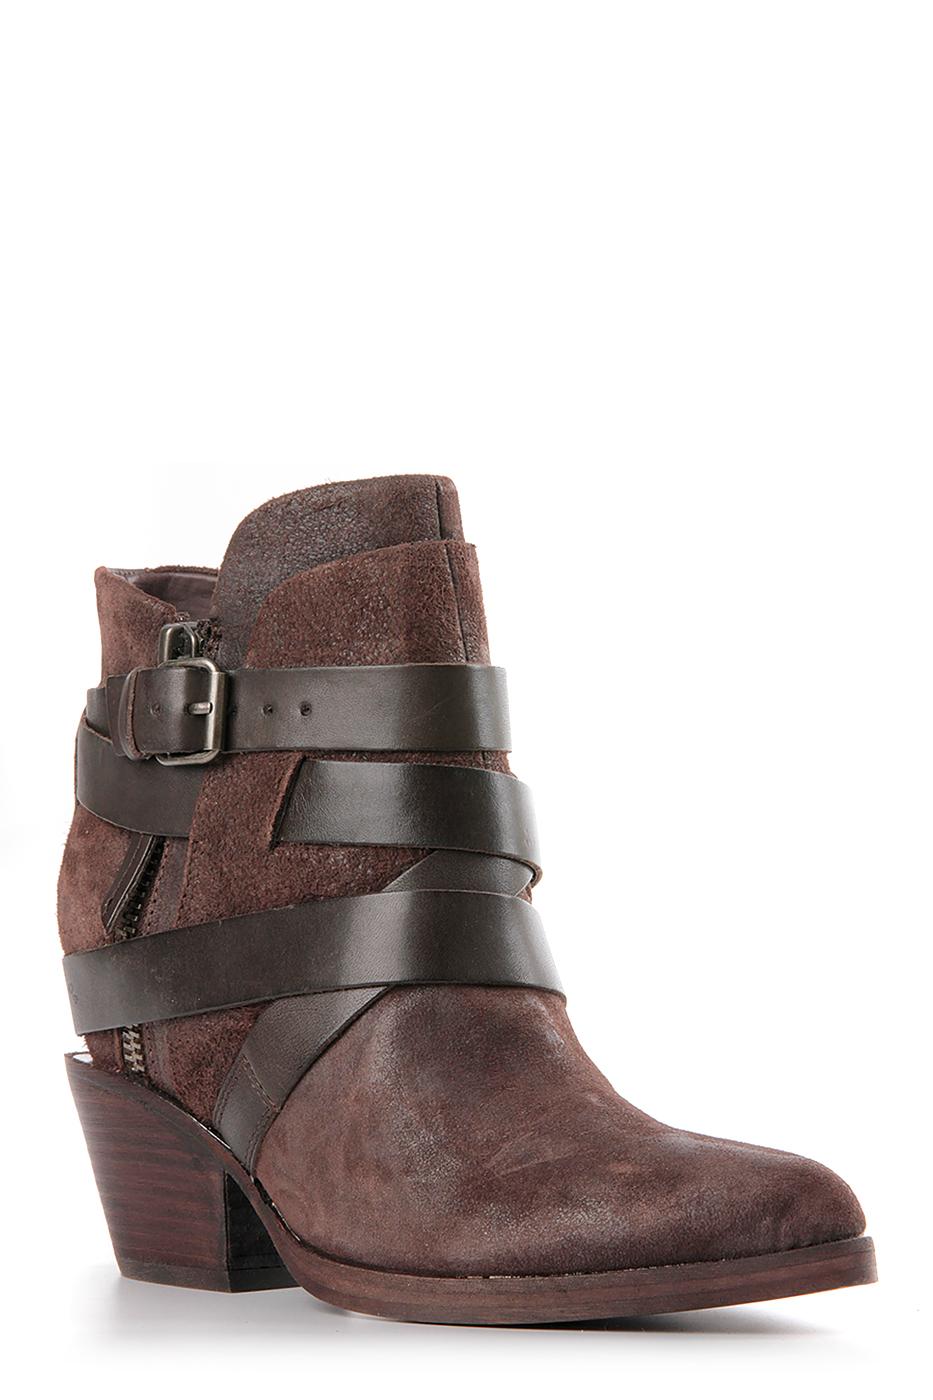 Сбор заказов.Ого-го! Время отличных распродаж! Экспресс сбор! Элитная обувь известных брендов по нереально низким ценам(женская,мужская,детская). Огромный выбор новых моделей.СТОП 28 сентября.